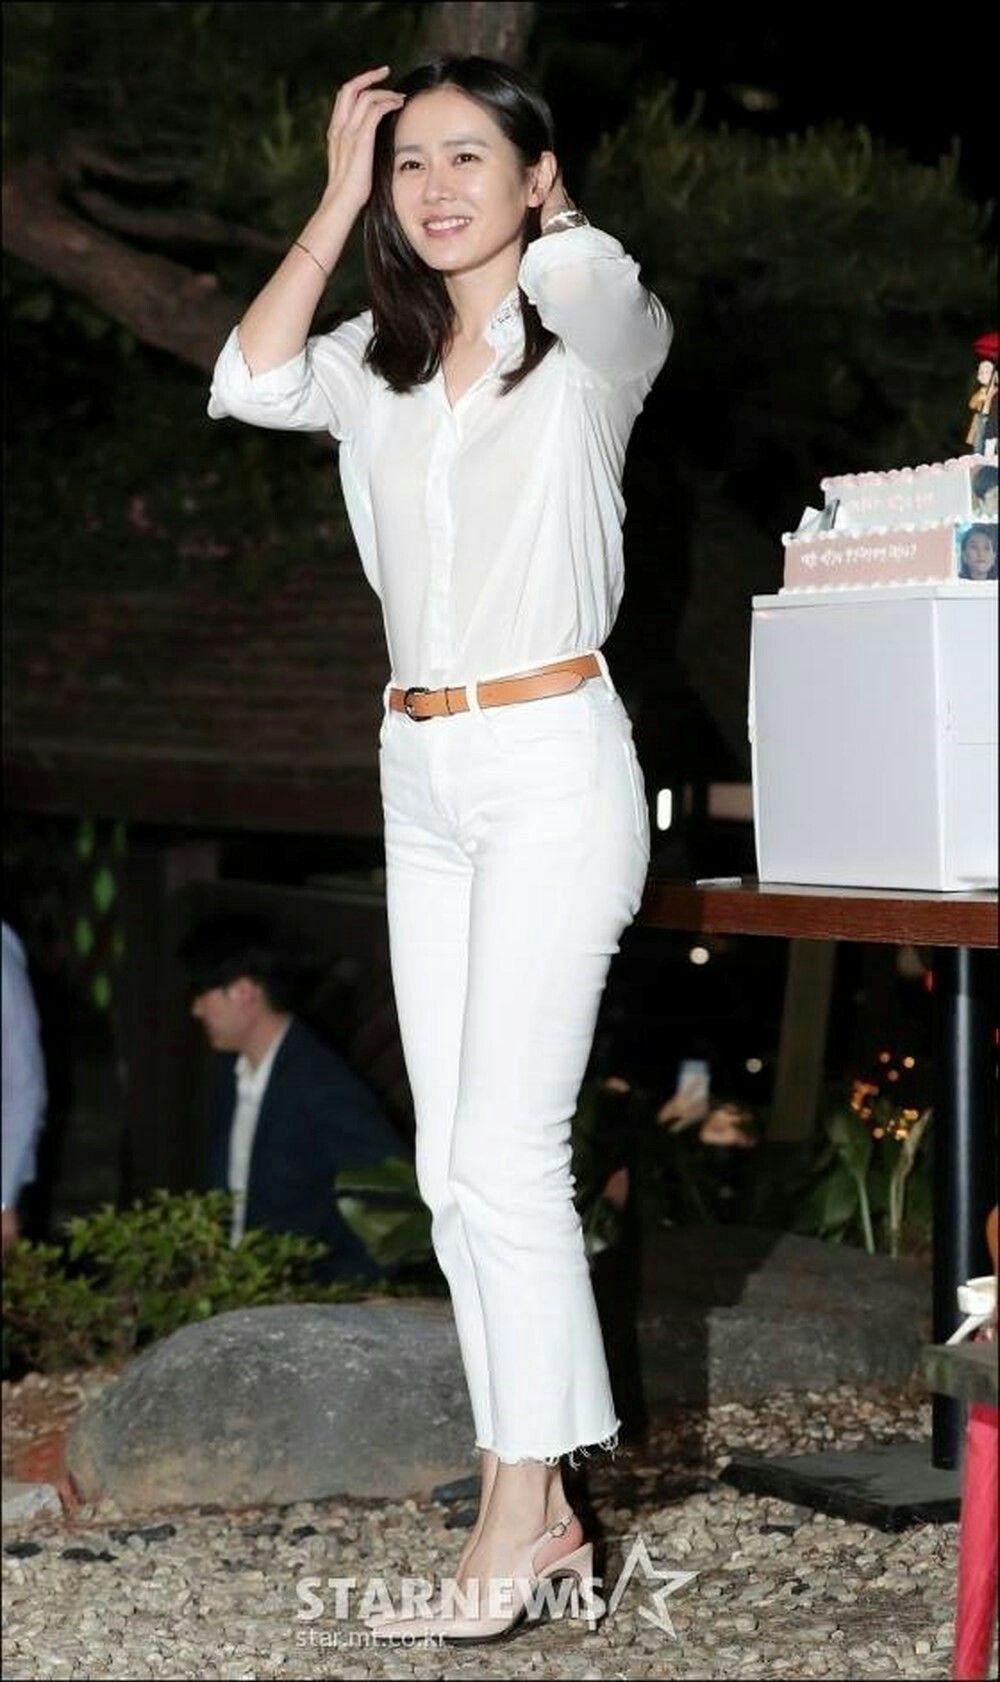 Dù quần jeans dáng ôm có hot hay không, Son Ye Jin vẫn chẳng ngán diện từ phim đến đời thực - Ảnh 1